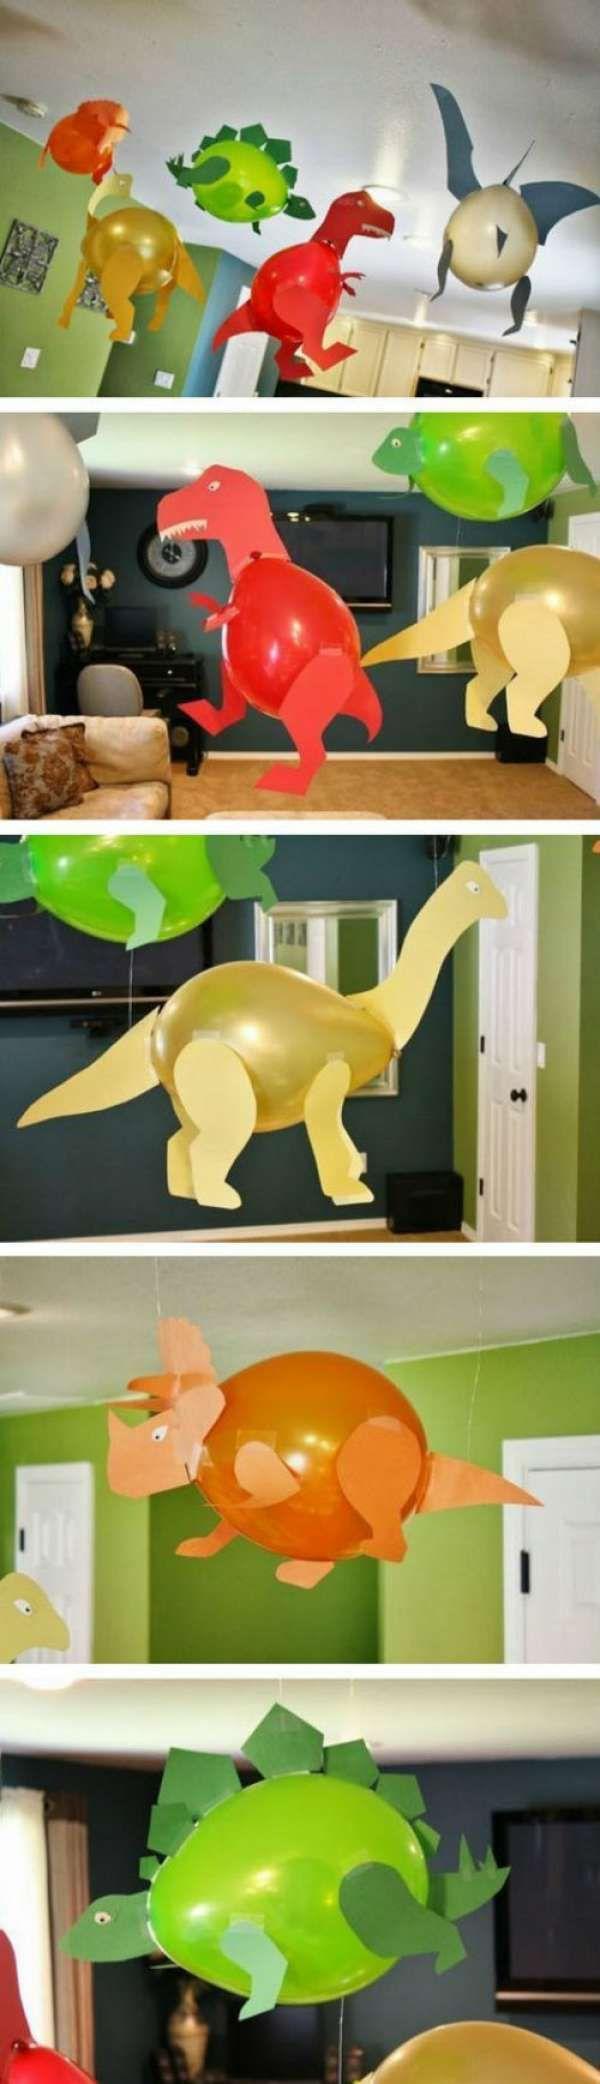 Dinosaures avec des ballons multicolores.  15 Créations amusantes pour les enfants qui aiment les animaux